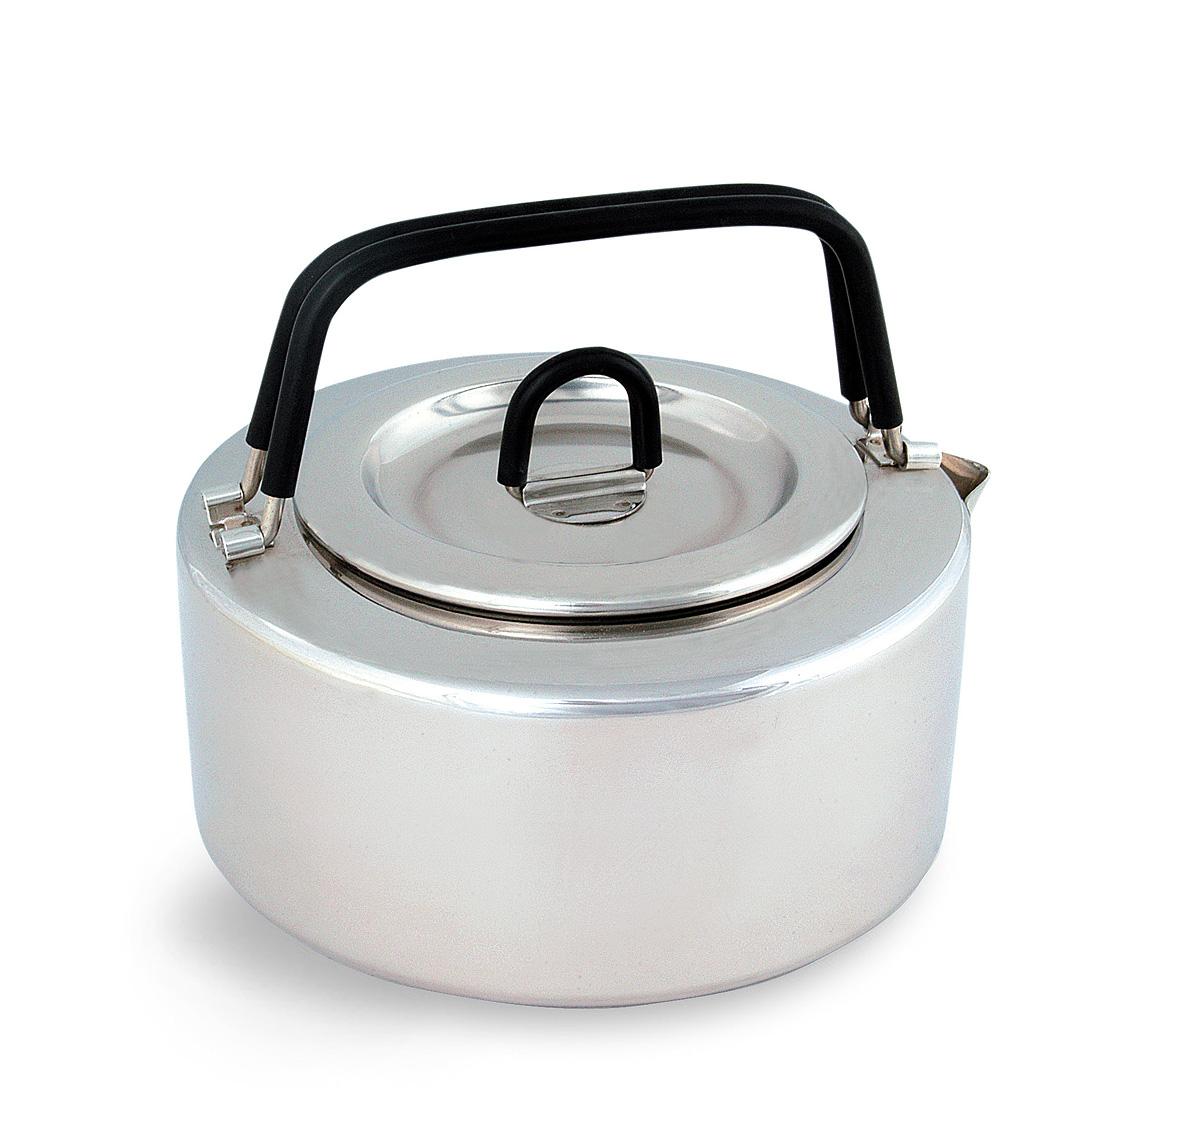 Чайник походный Tatonka Teapot, 1 л92291-000-00Чайник Tatonka Teapot из нержавеющей стали с термоизолированными ручками и компактным дизайном. Замечательно подходит для использования дома и на выезде. В комплекте ситечко из нержавеющей стали.Преимущества и особенности:Высококачественная нержавеющая сталь.Складные термоизолированные ручки.Крышка со складной термоизолированной ручкой.Компактный дизайн.Ситечко из нержавеющей стали.Диаметр чайника: 14,5 см.Высота чайника: 7 см.